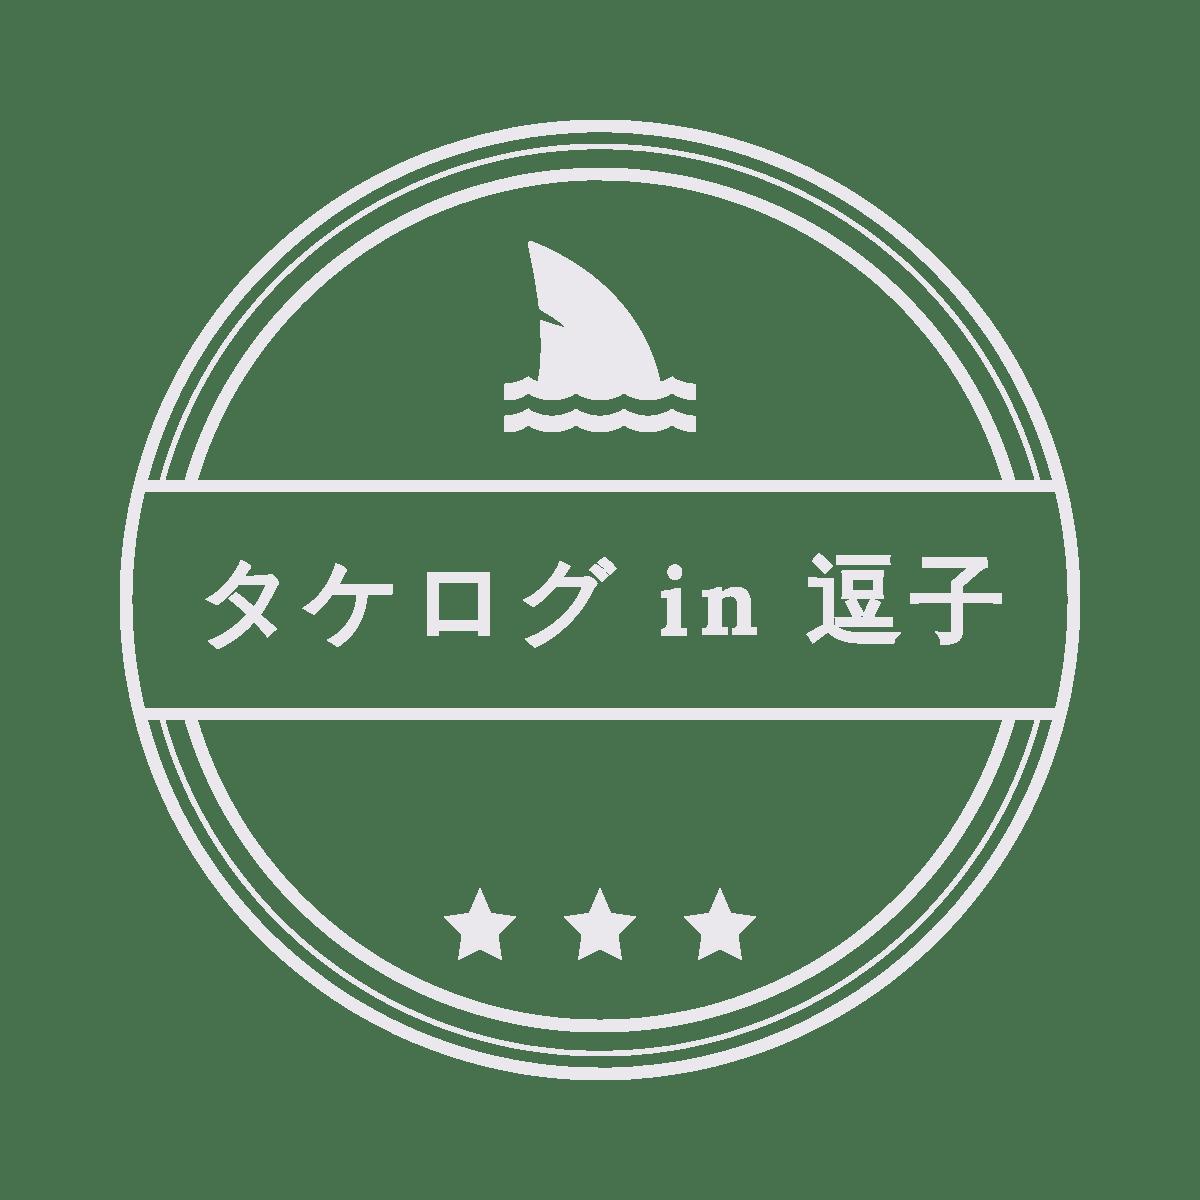 タケログ in 逗子